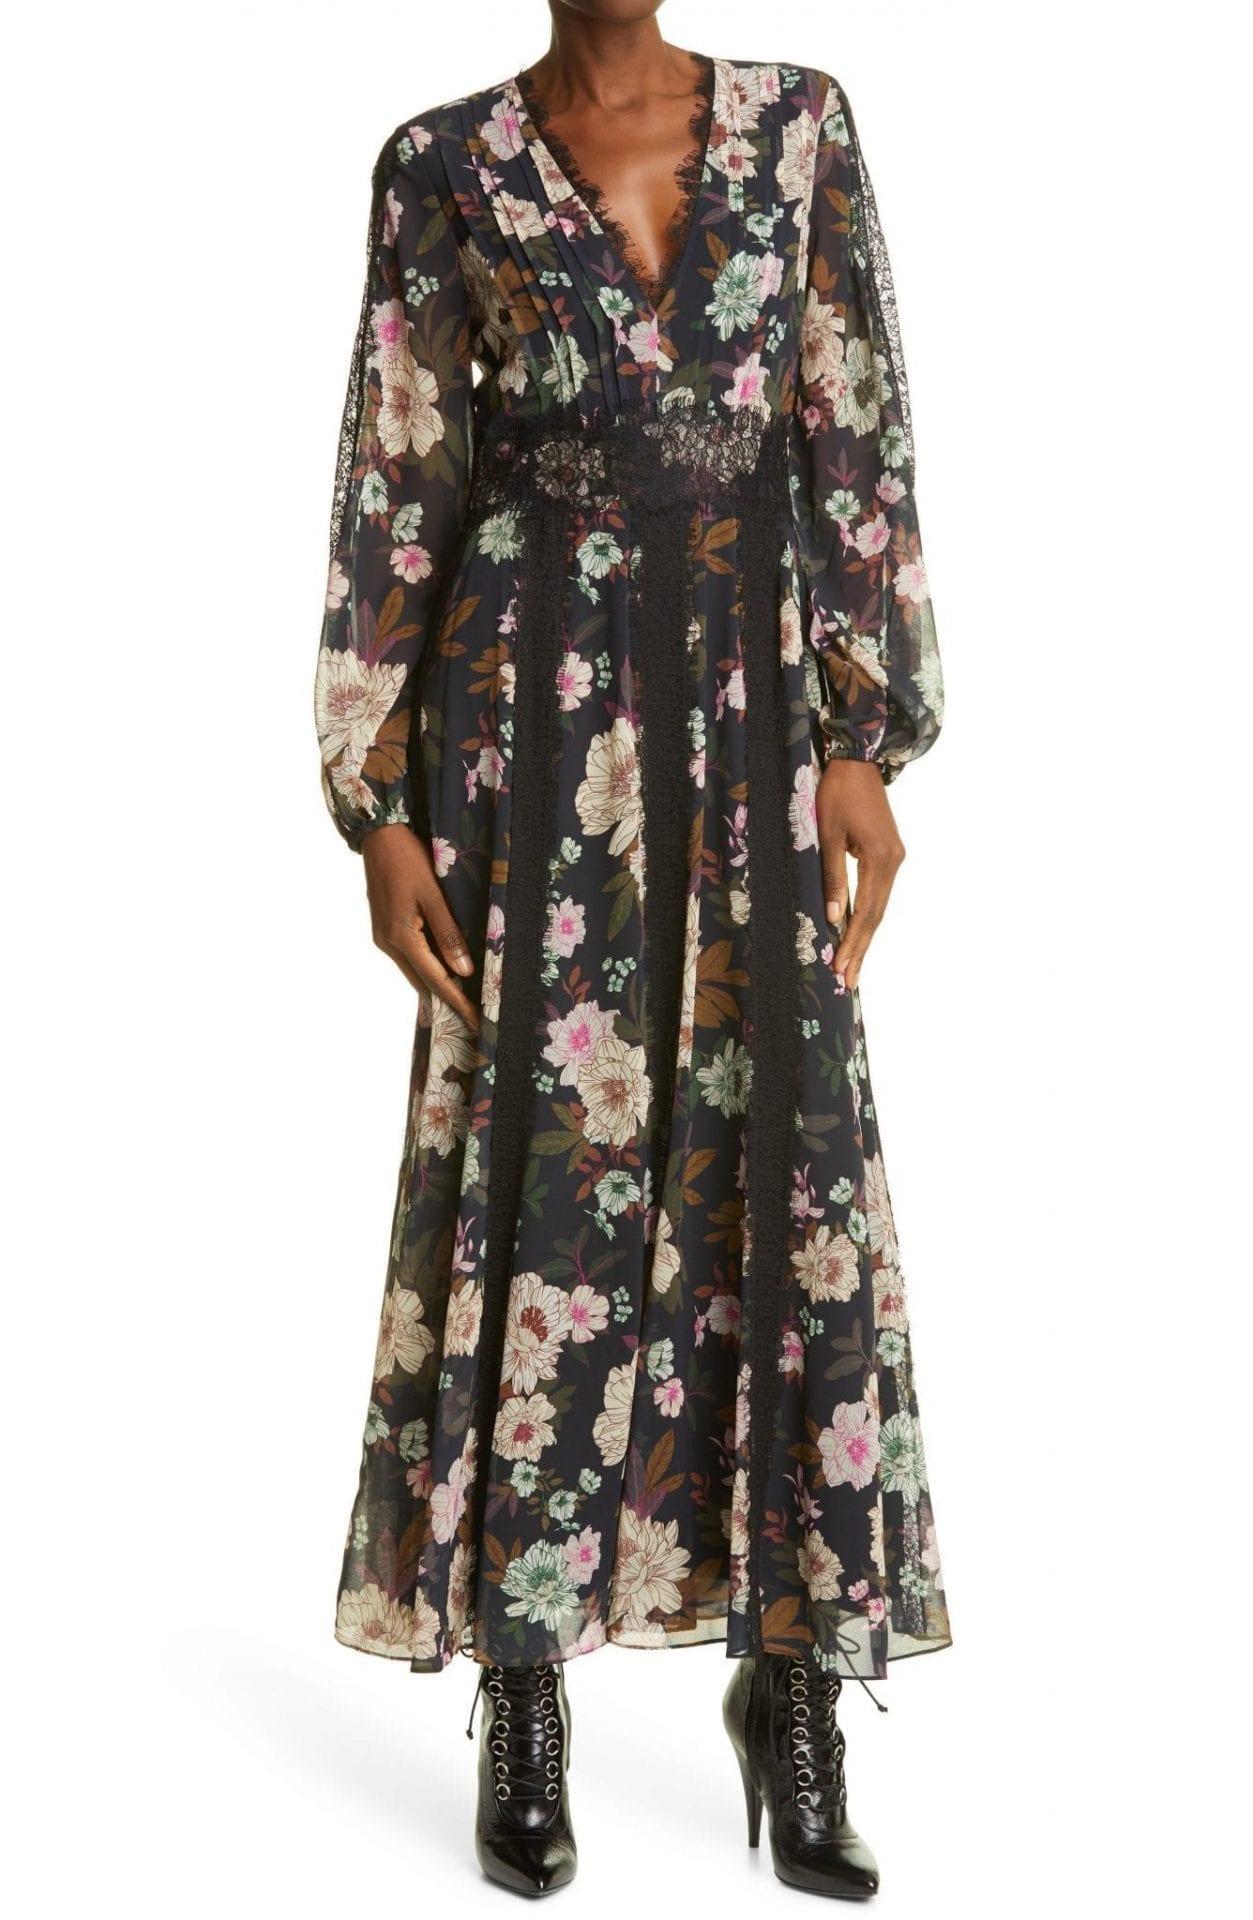 LA LIGNE Floral Print Plunge Neck Long Sleeve Dress